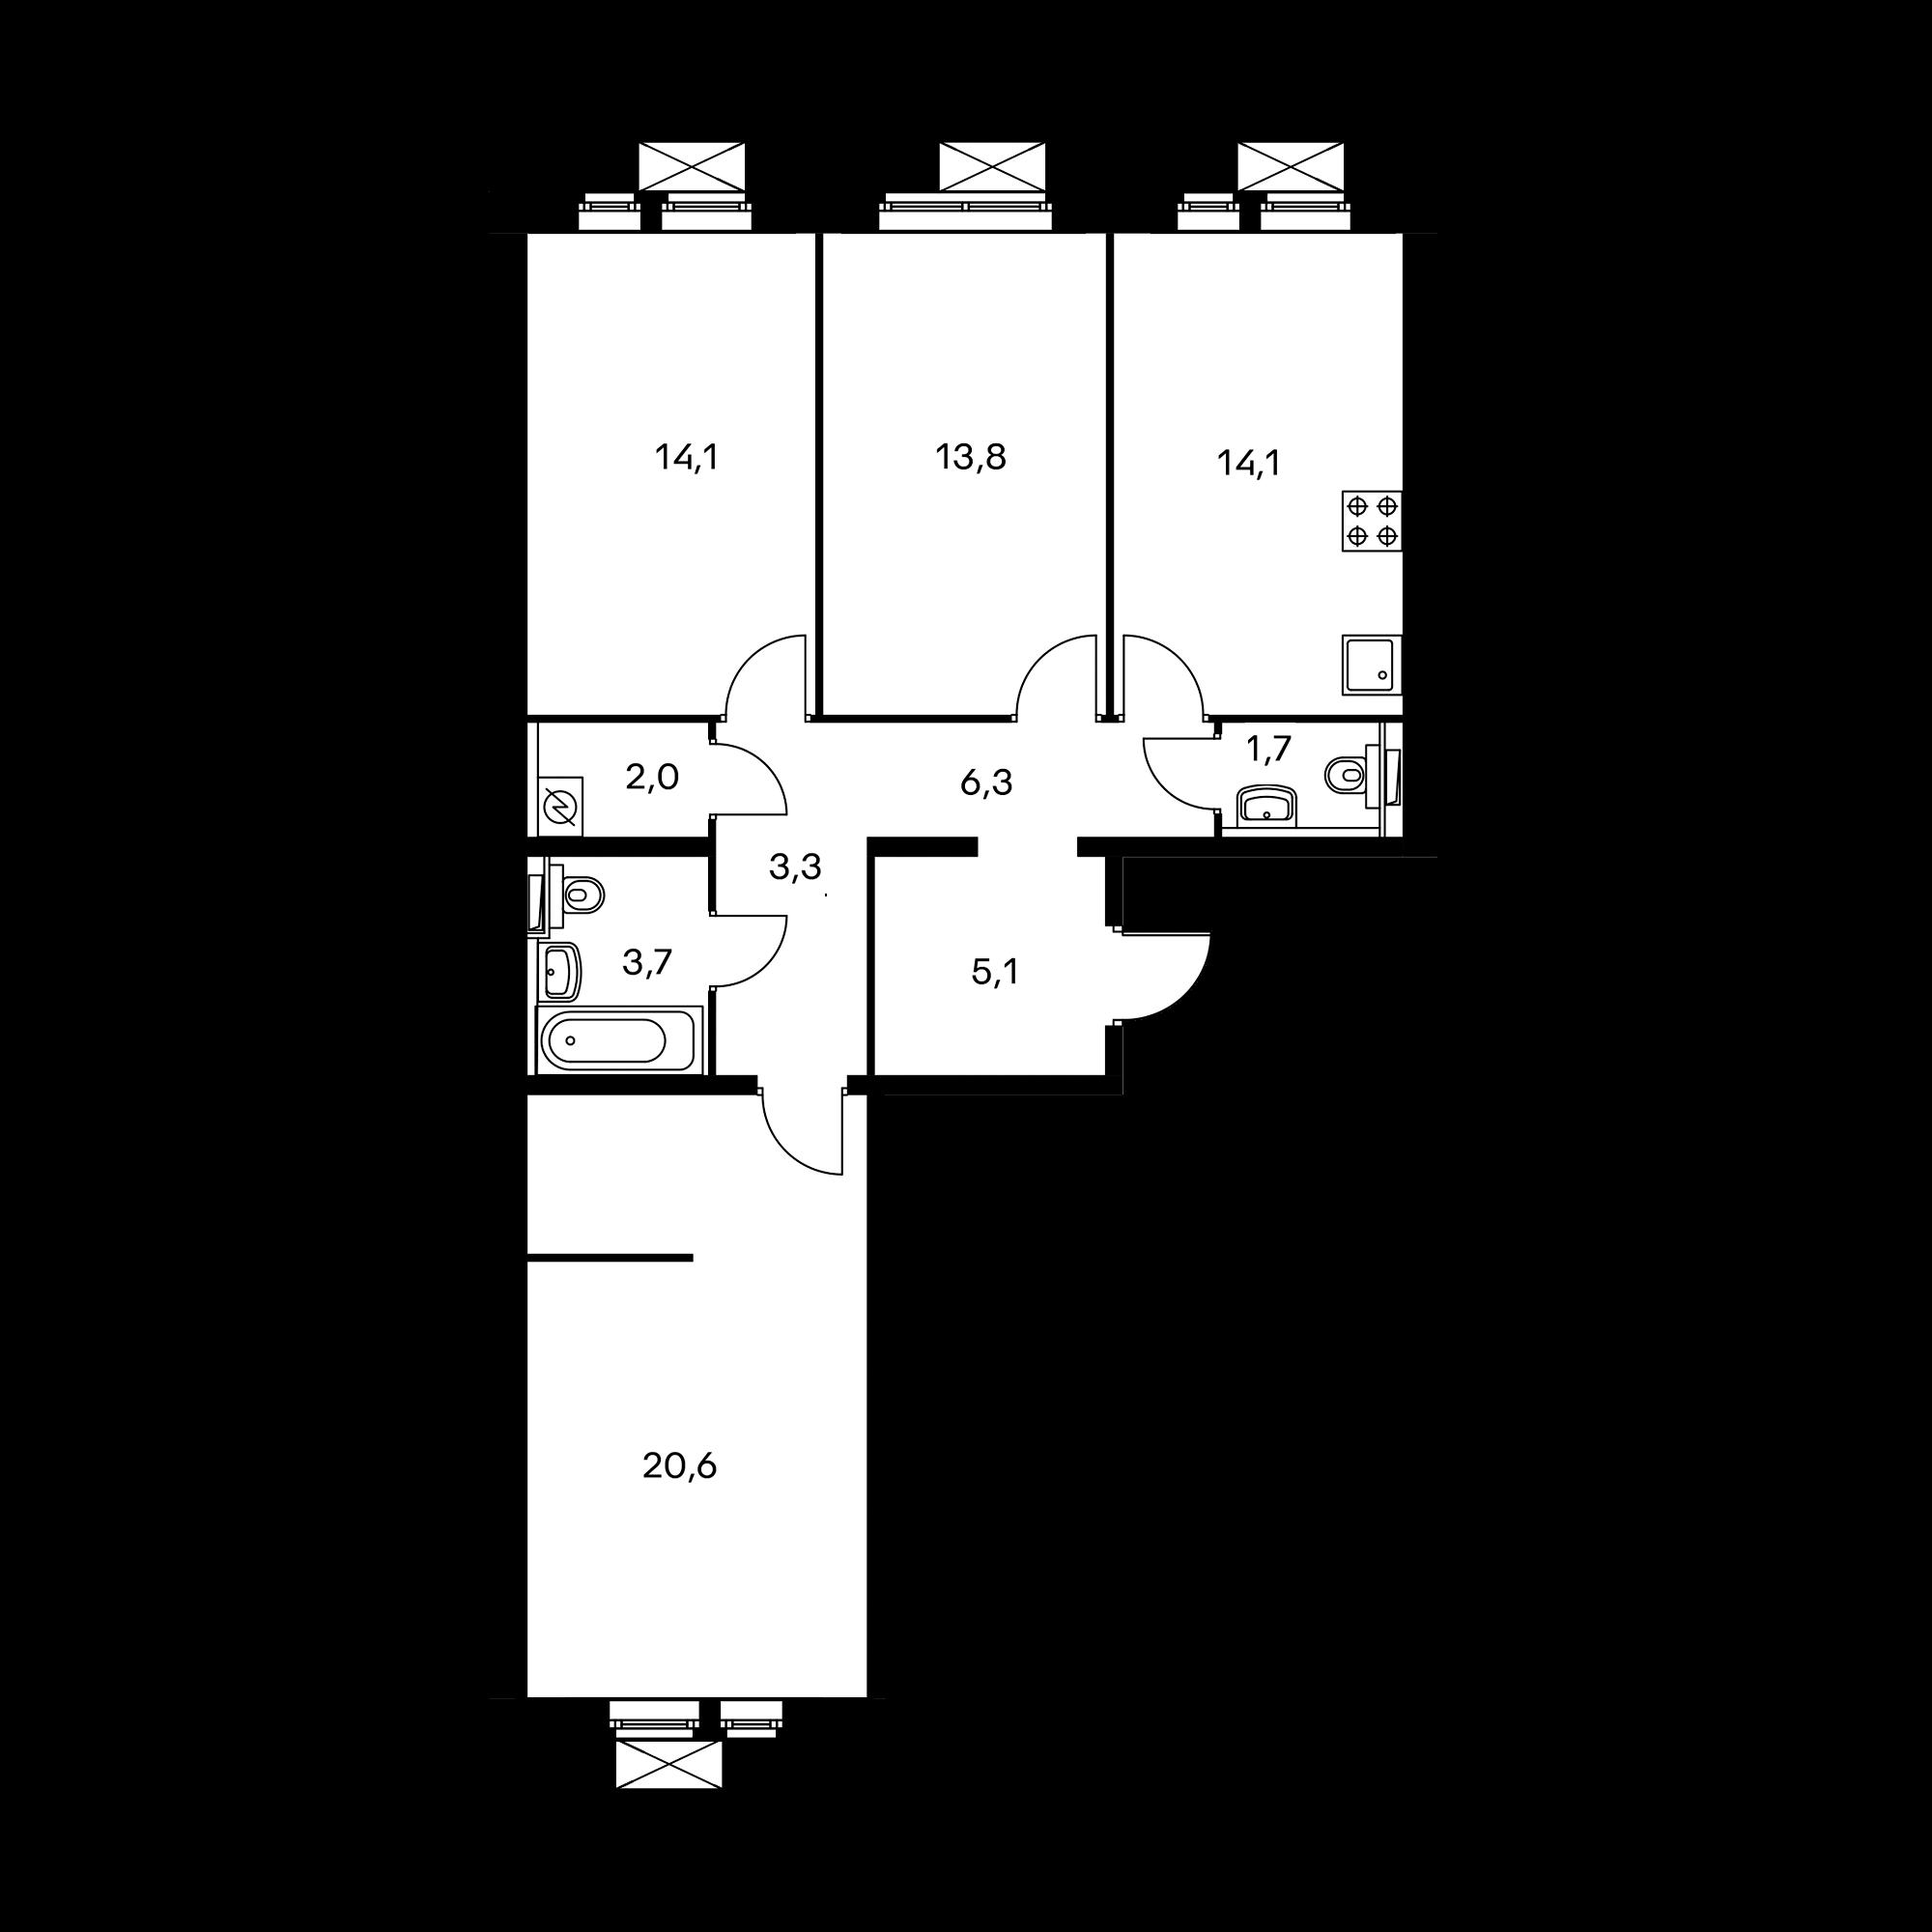 3KL13_9.0-1_T_A2